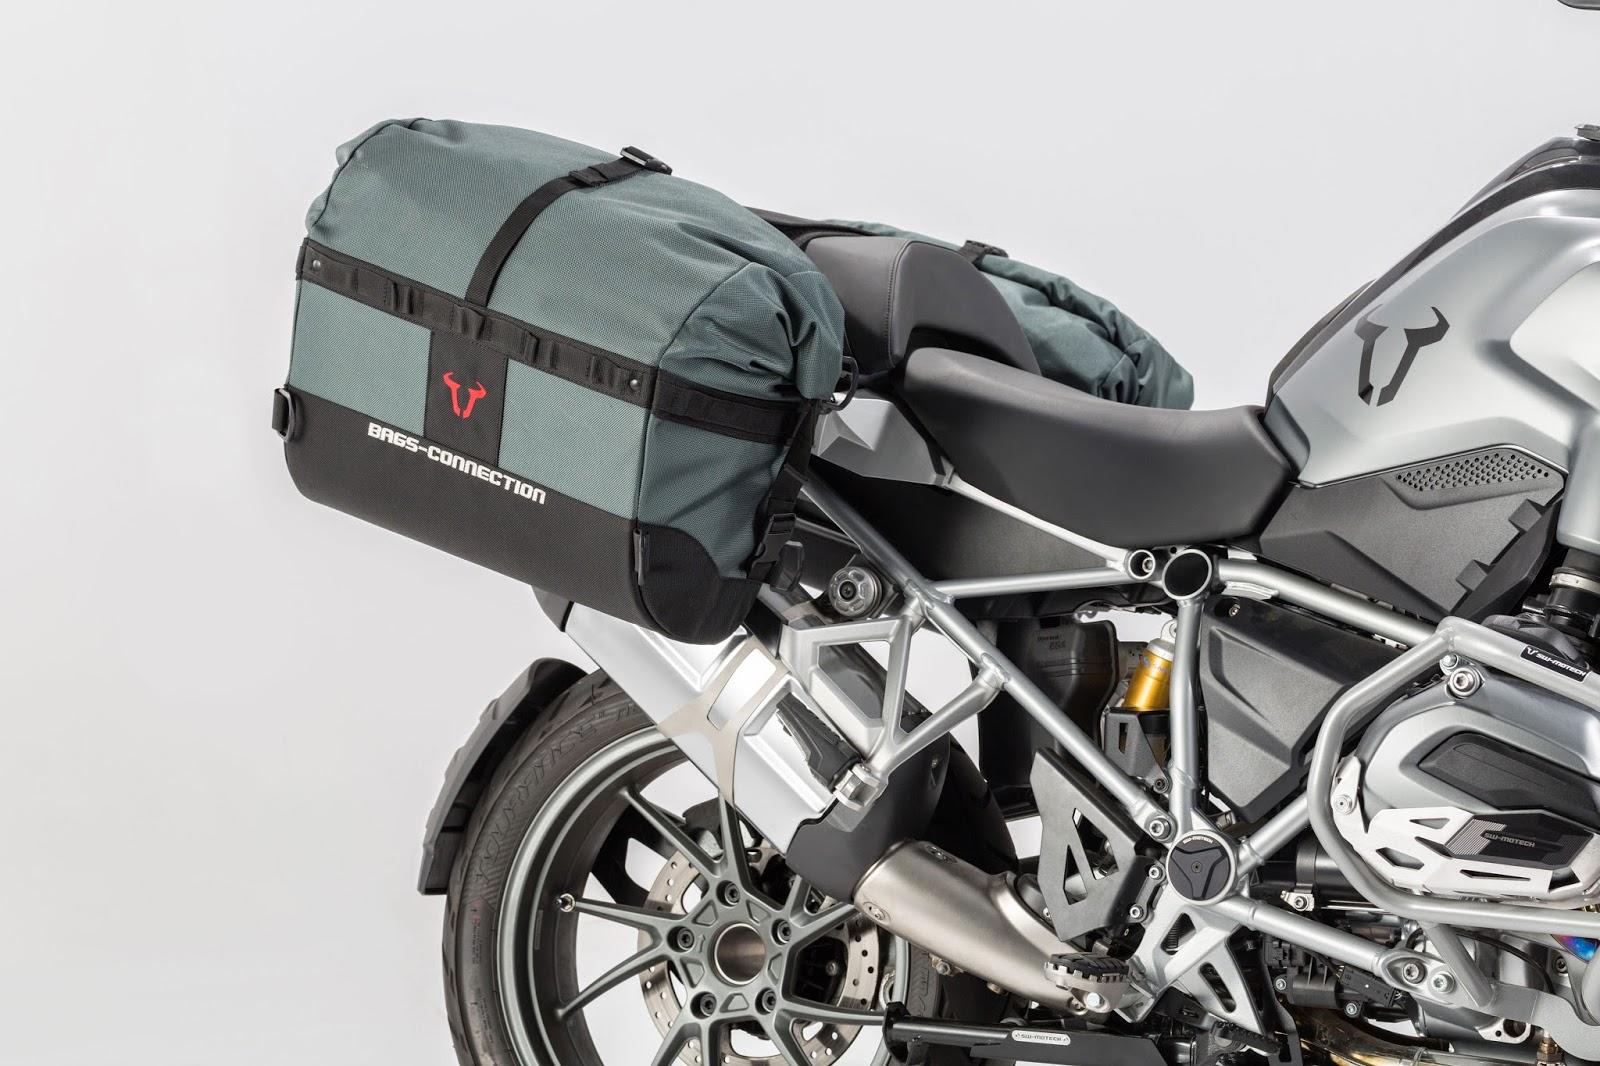 New SW-Motech soft, waterproof 'Dakar' panniers